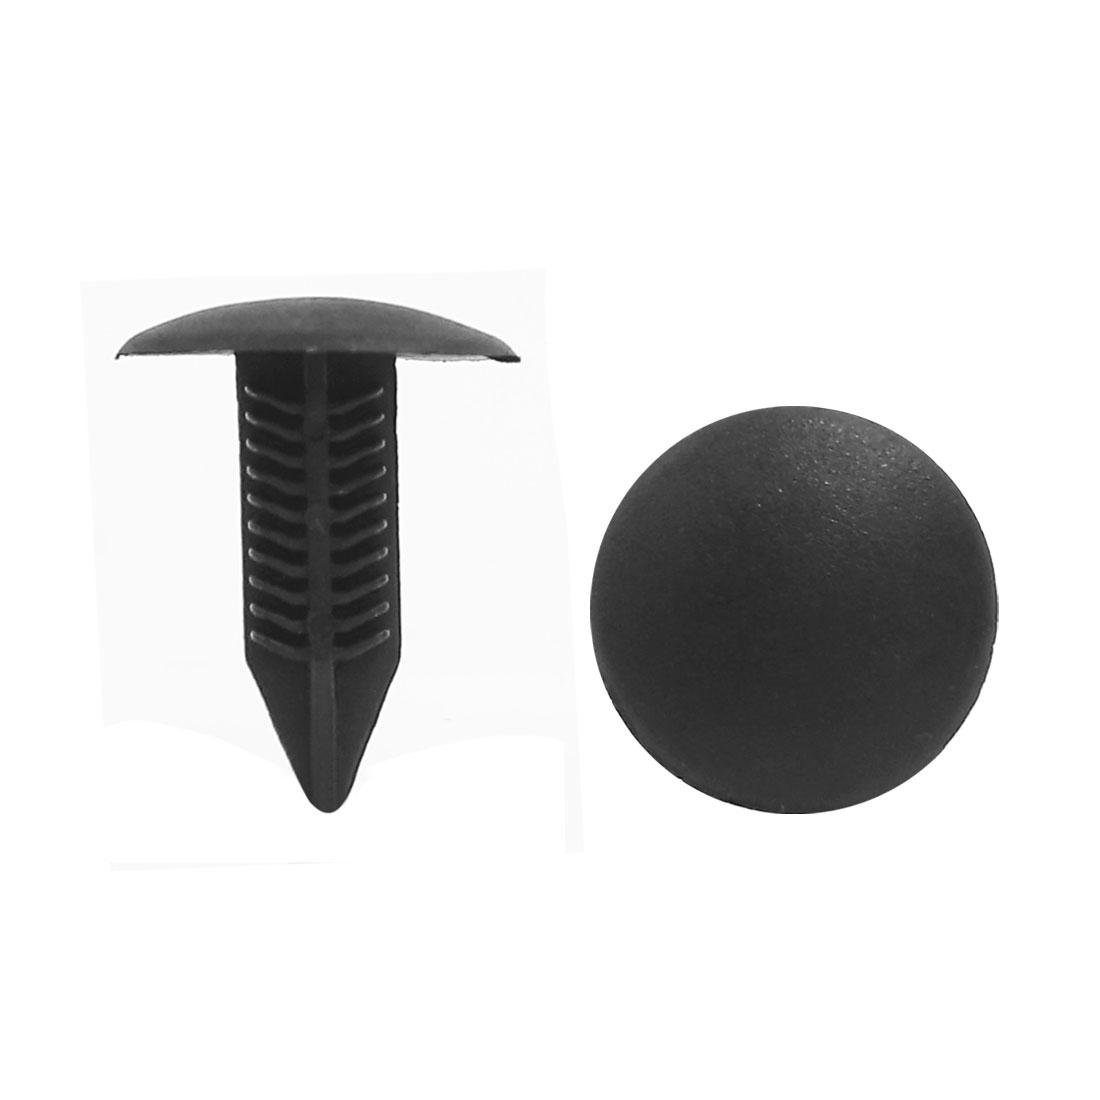 6.5mm x 6.6mm Hole Car Door Plastic Rivet Fastener Trim Panel Clip Black 50pcs